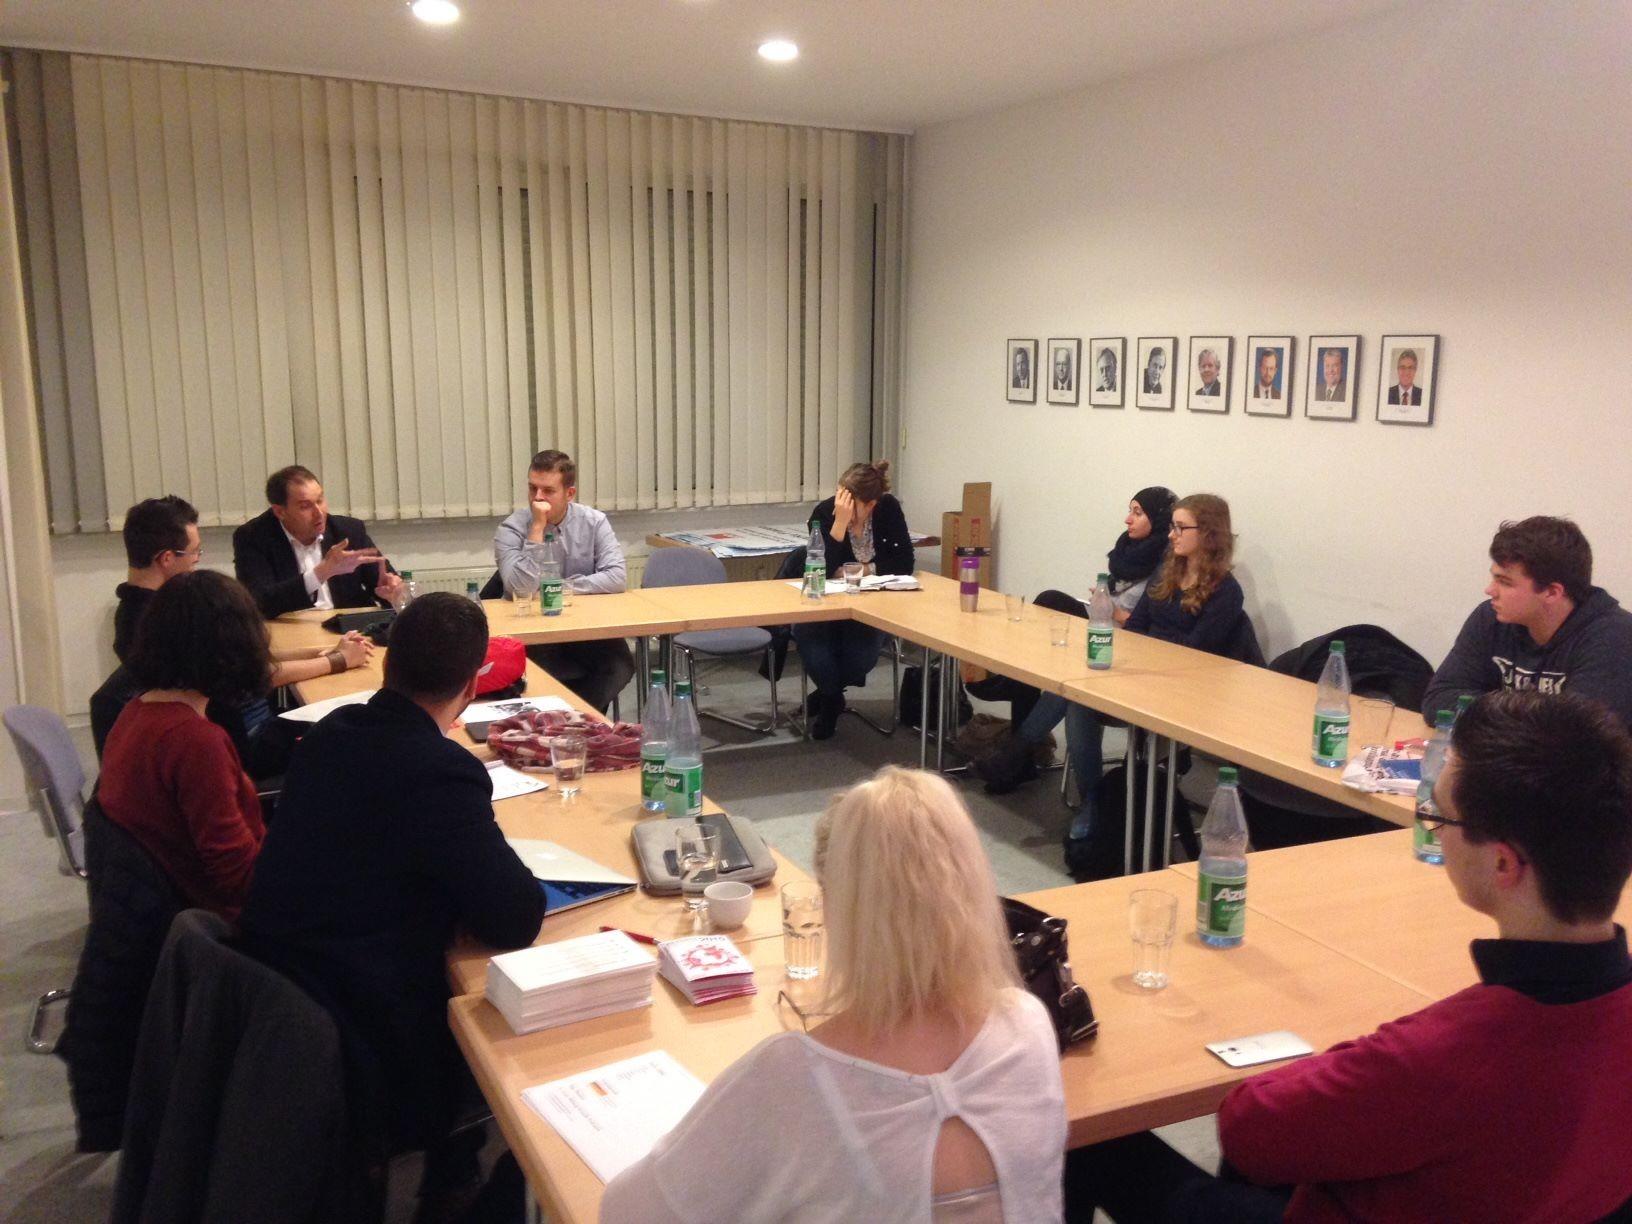 Auf unserer Mitgliederversammlung am 5. November berichtete Johannes Klomann, MdL, über den Erfolg der Bildungspolitik in Rheinland-Pfalz.